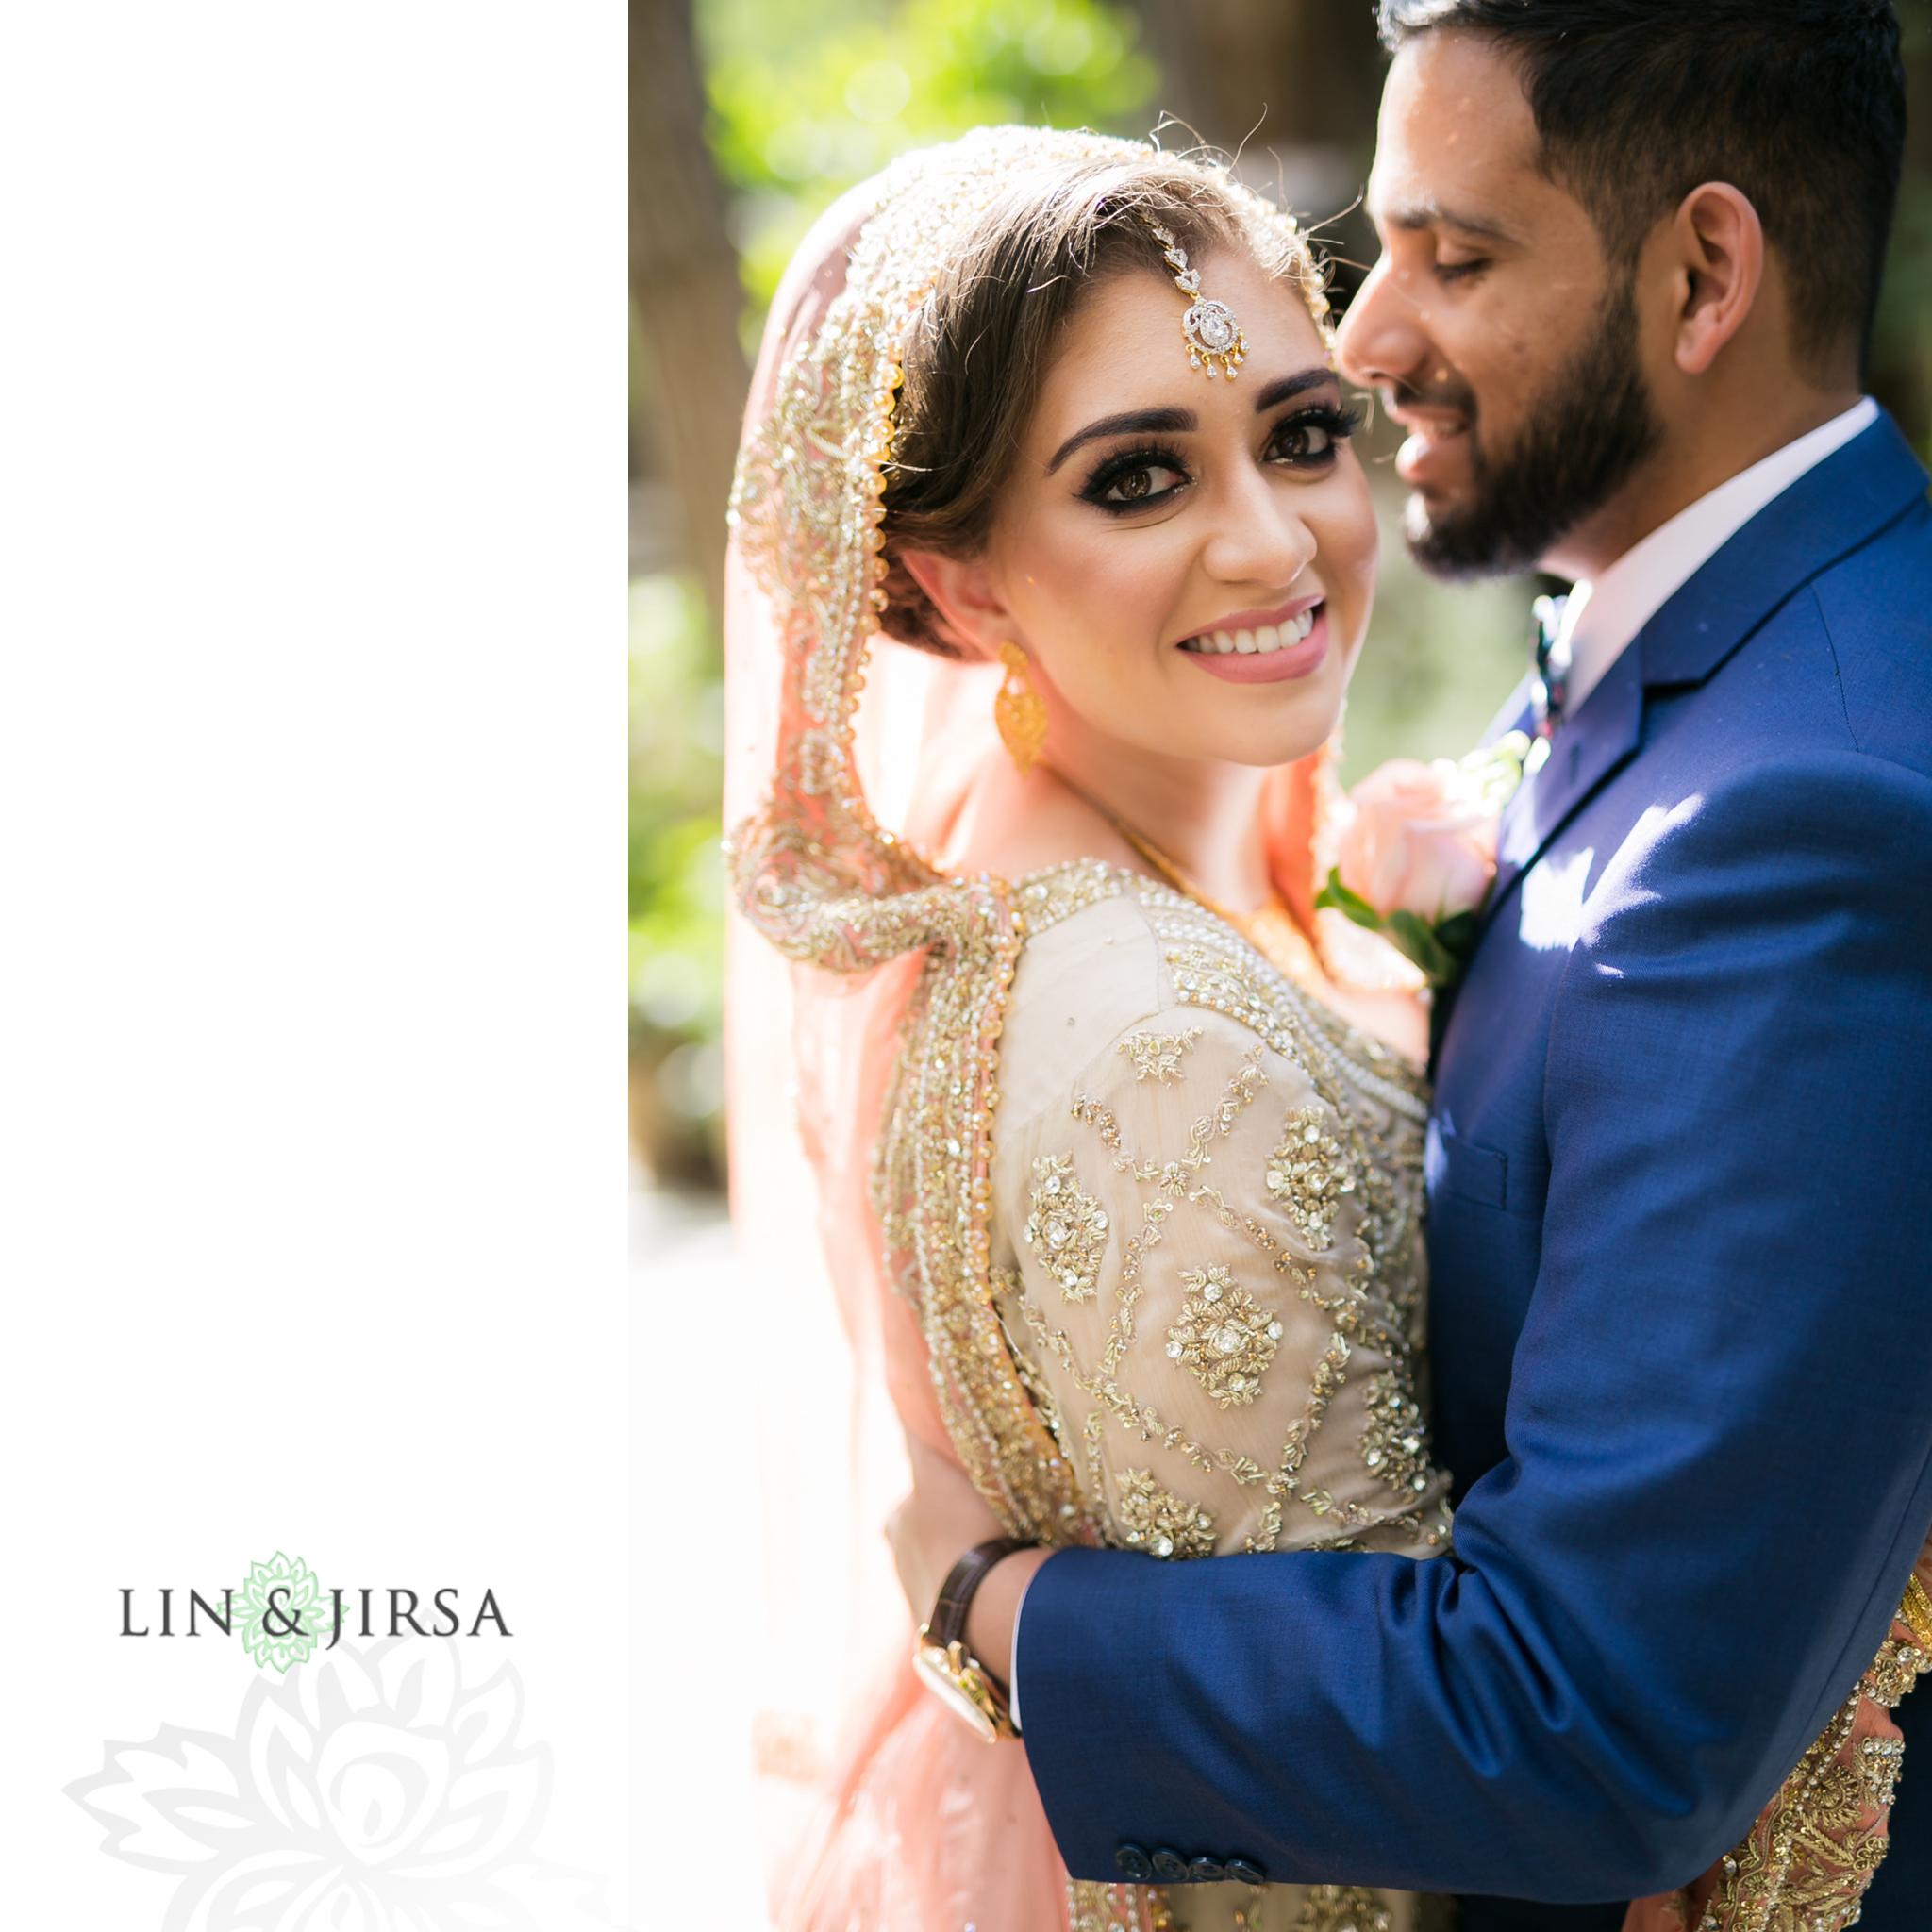 07-calamigos-ranch-muslim-wedding-photography